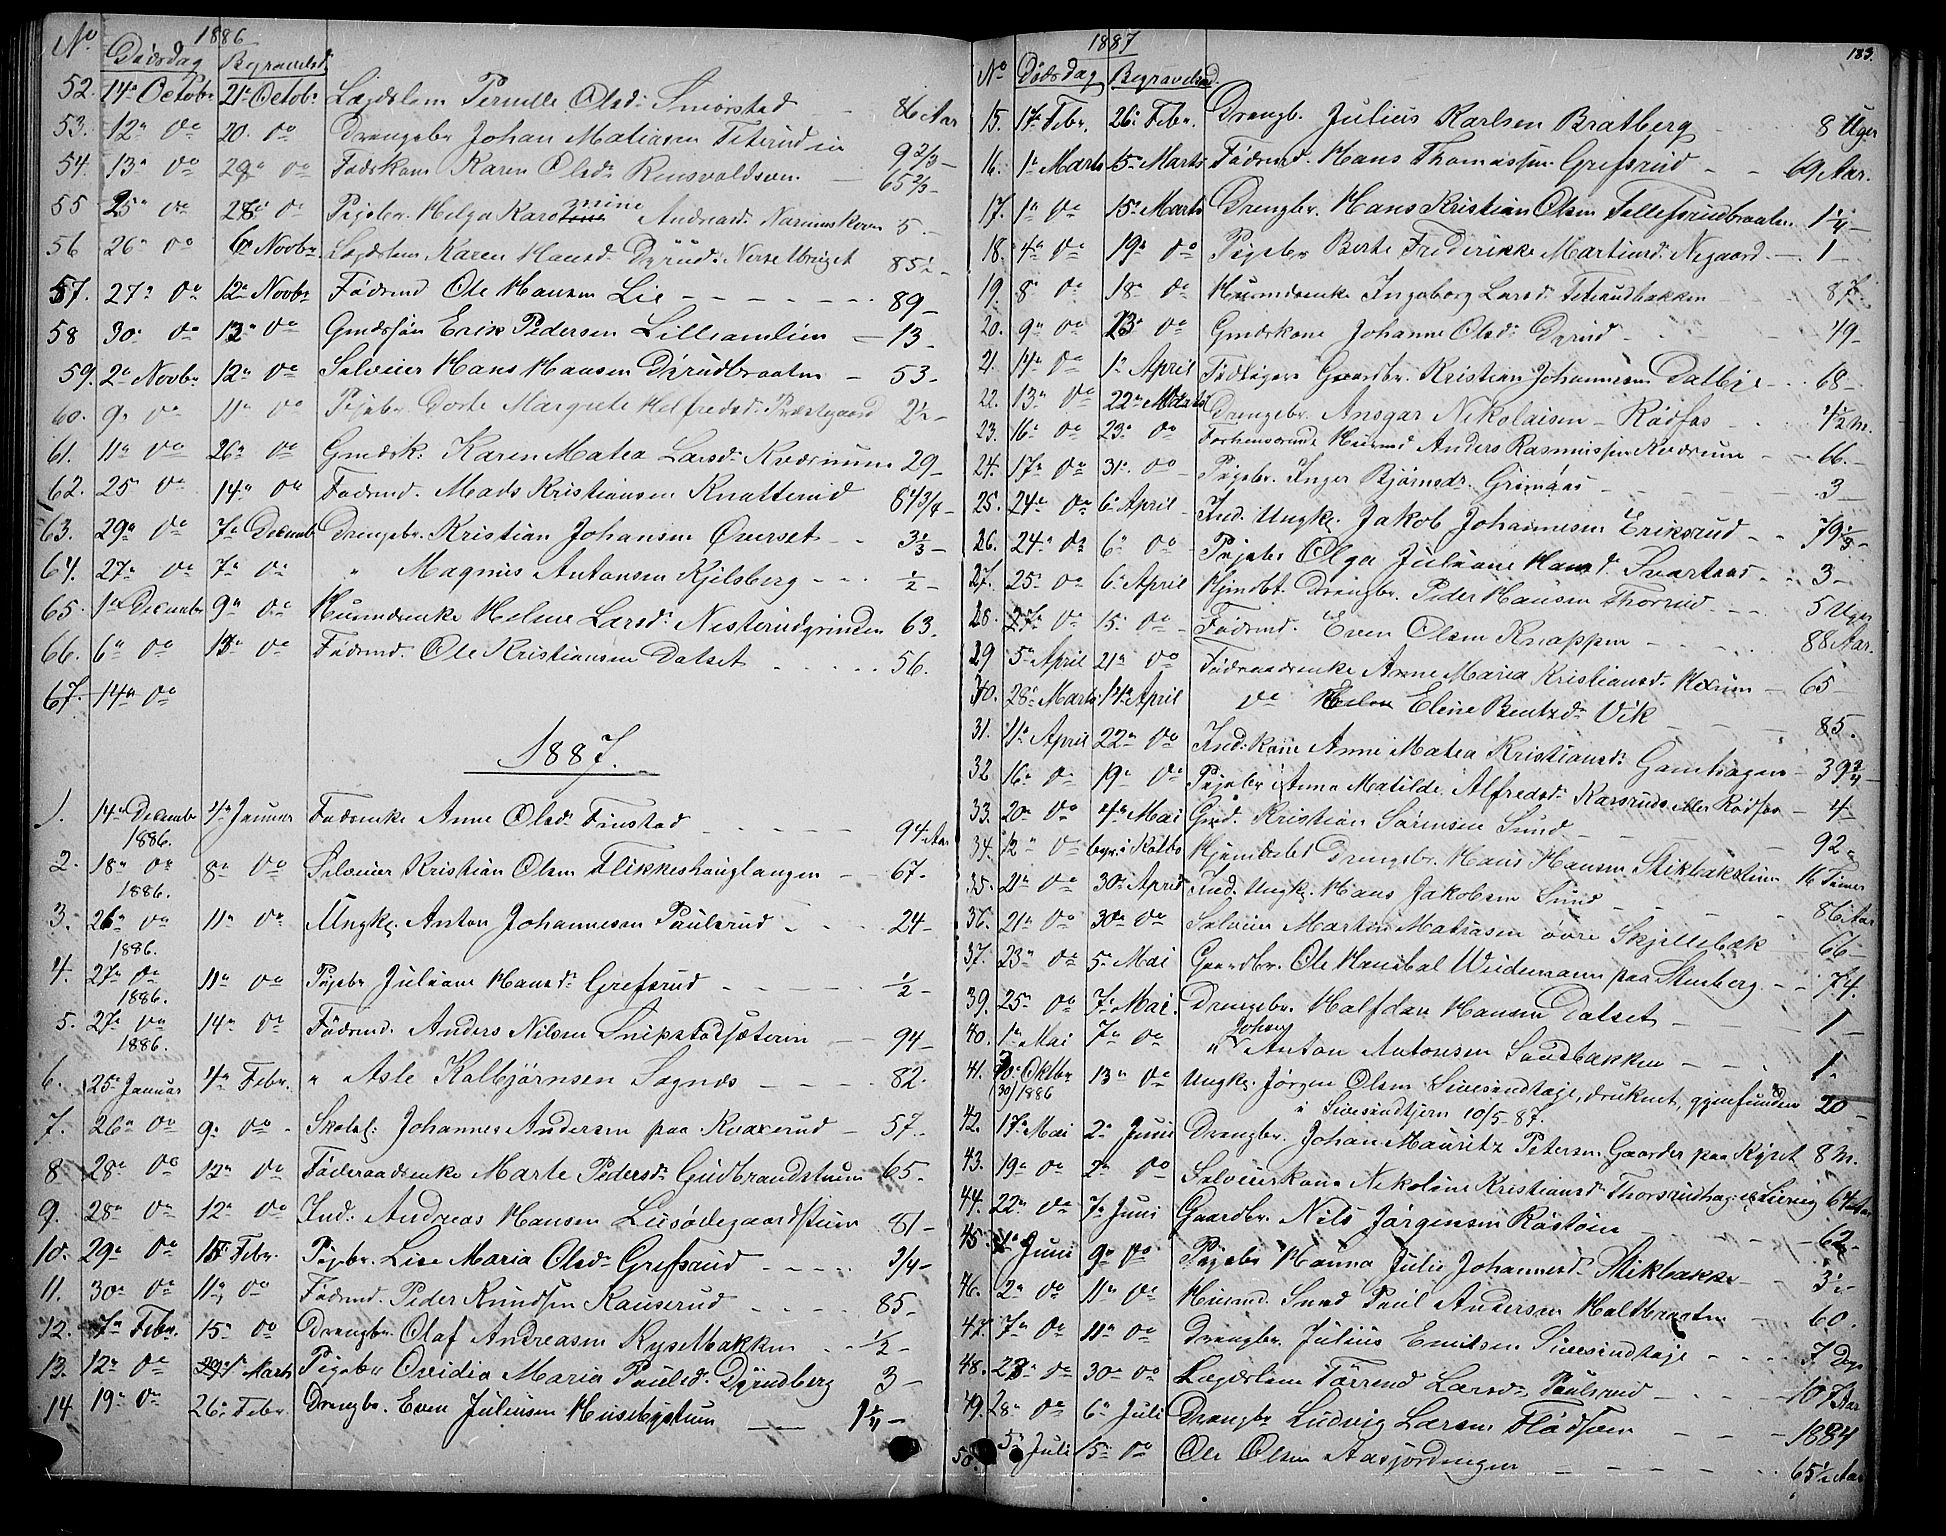 SAH, Vestre Toten prestekontor, H/Ha/Hab/L0006: Klokkerbok nr. 6, 1870-1887, s. 183